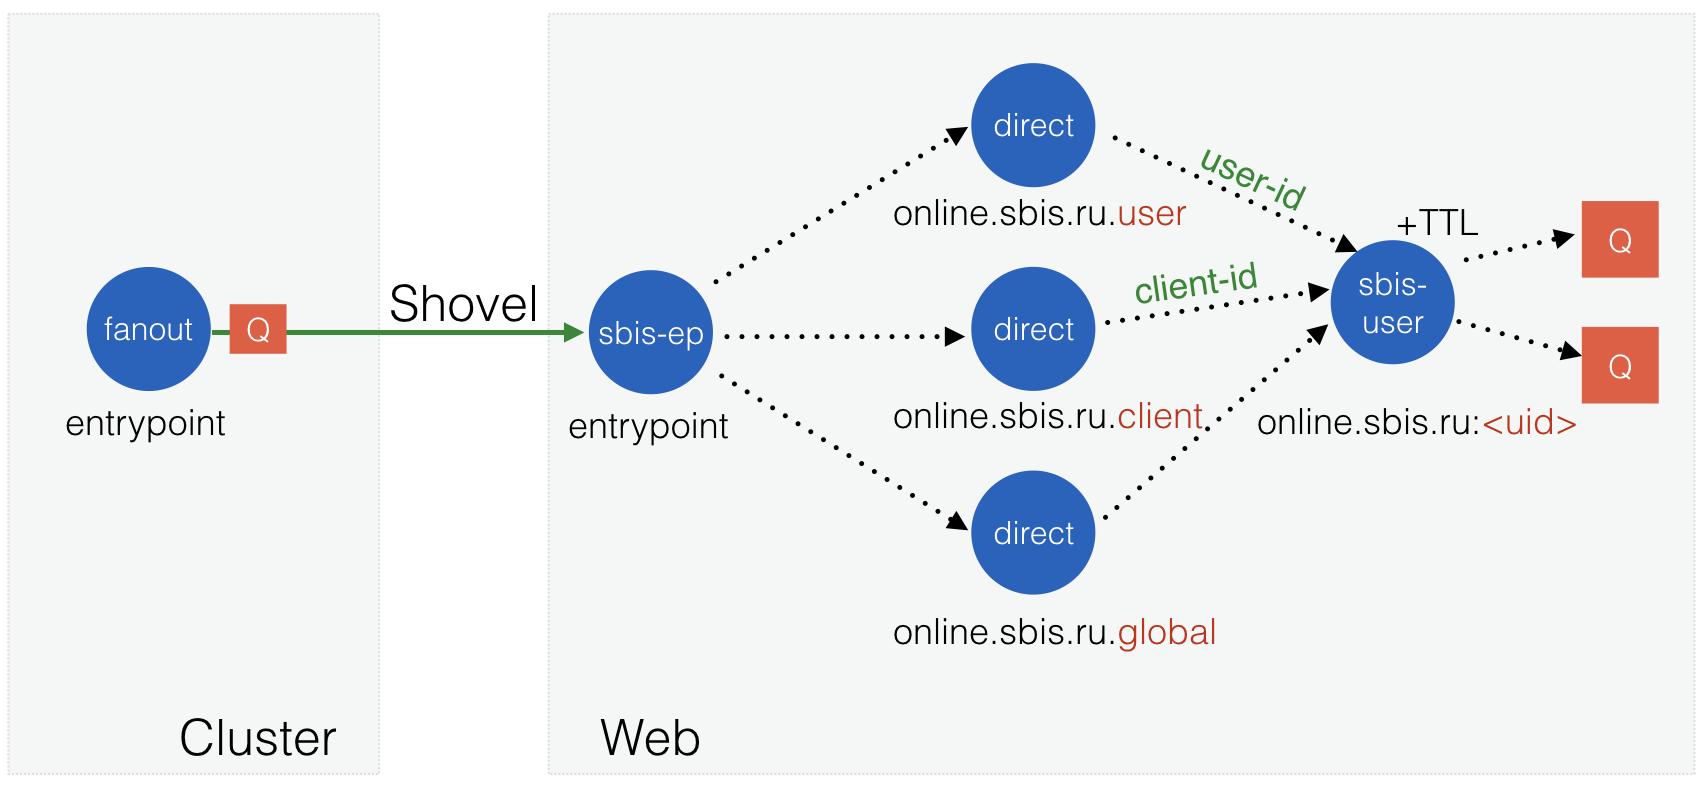 Сервис оповещения миллиона пользователей с помощью RabbitMQ - 12